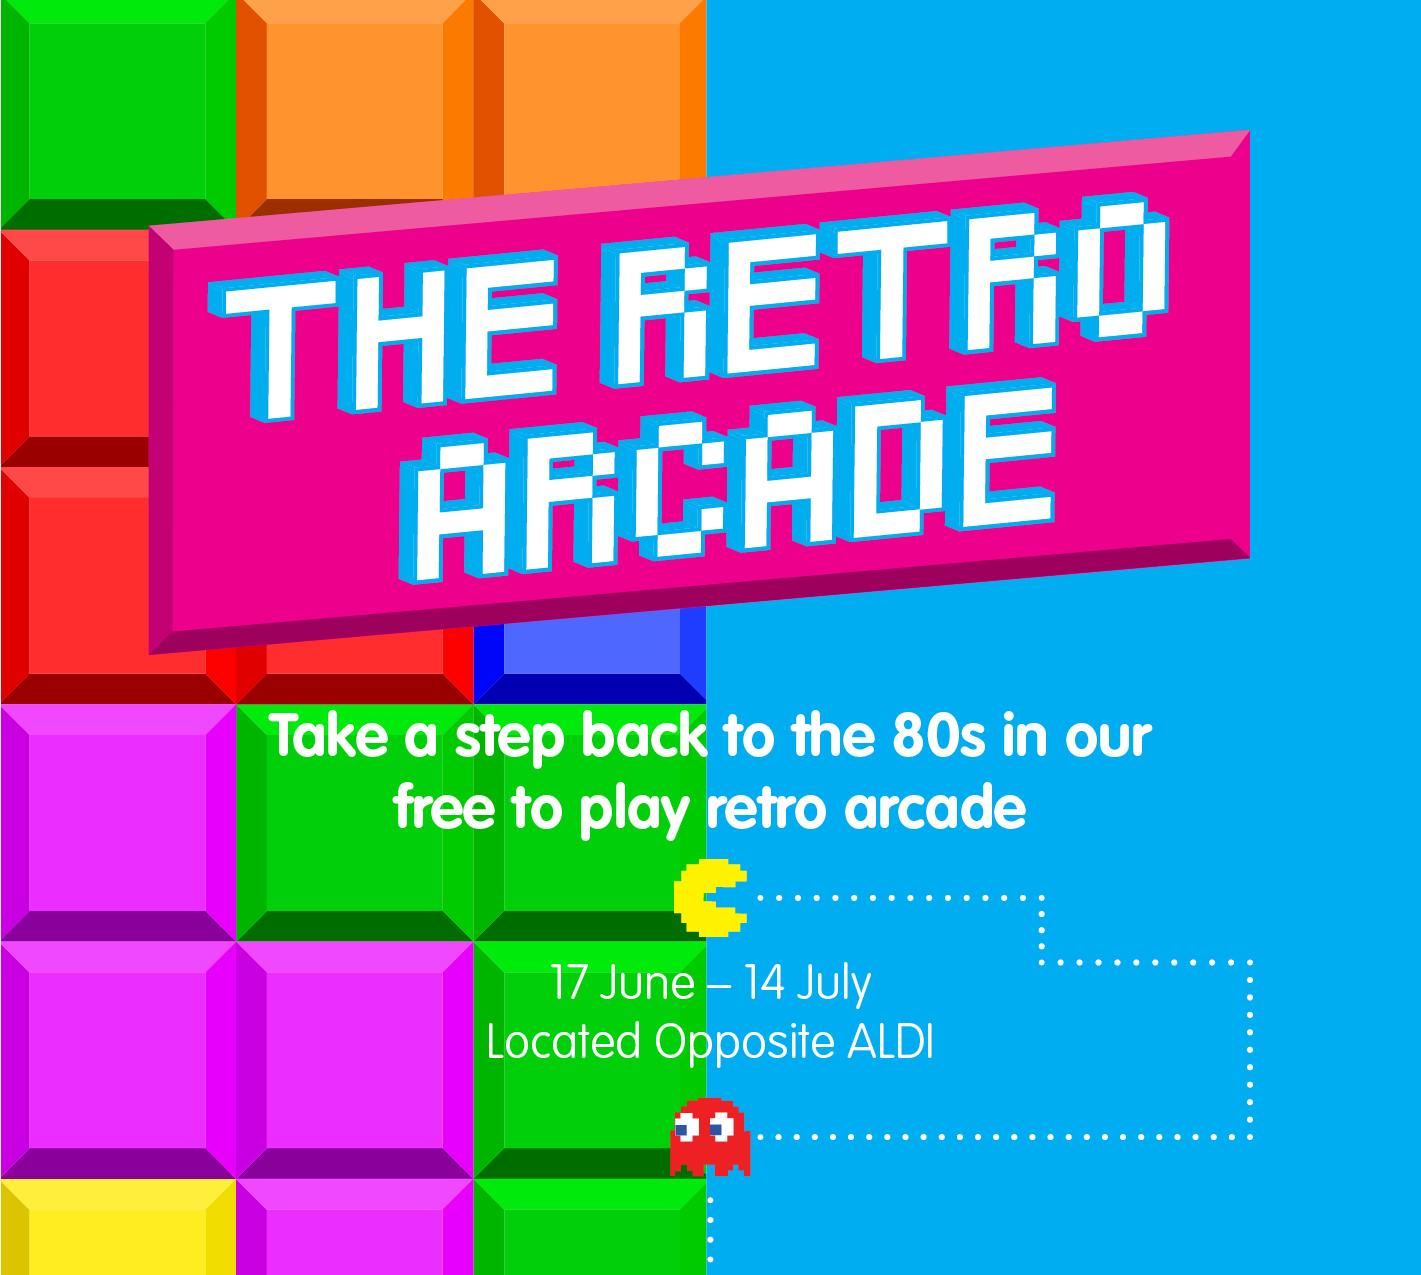 31633 CH BASHIL Retro arcade -Web 682x612px